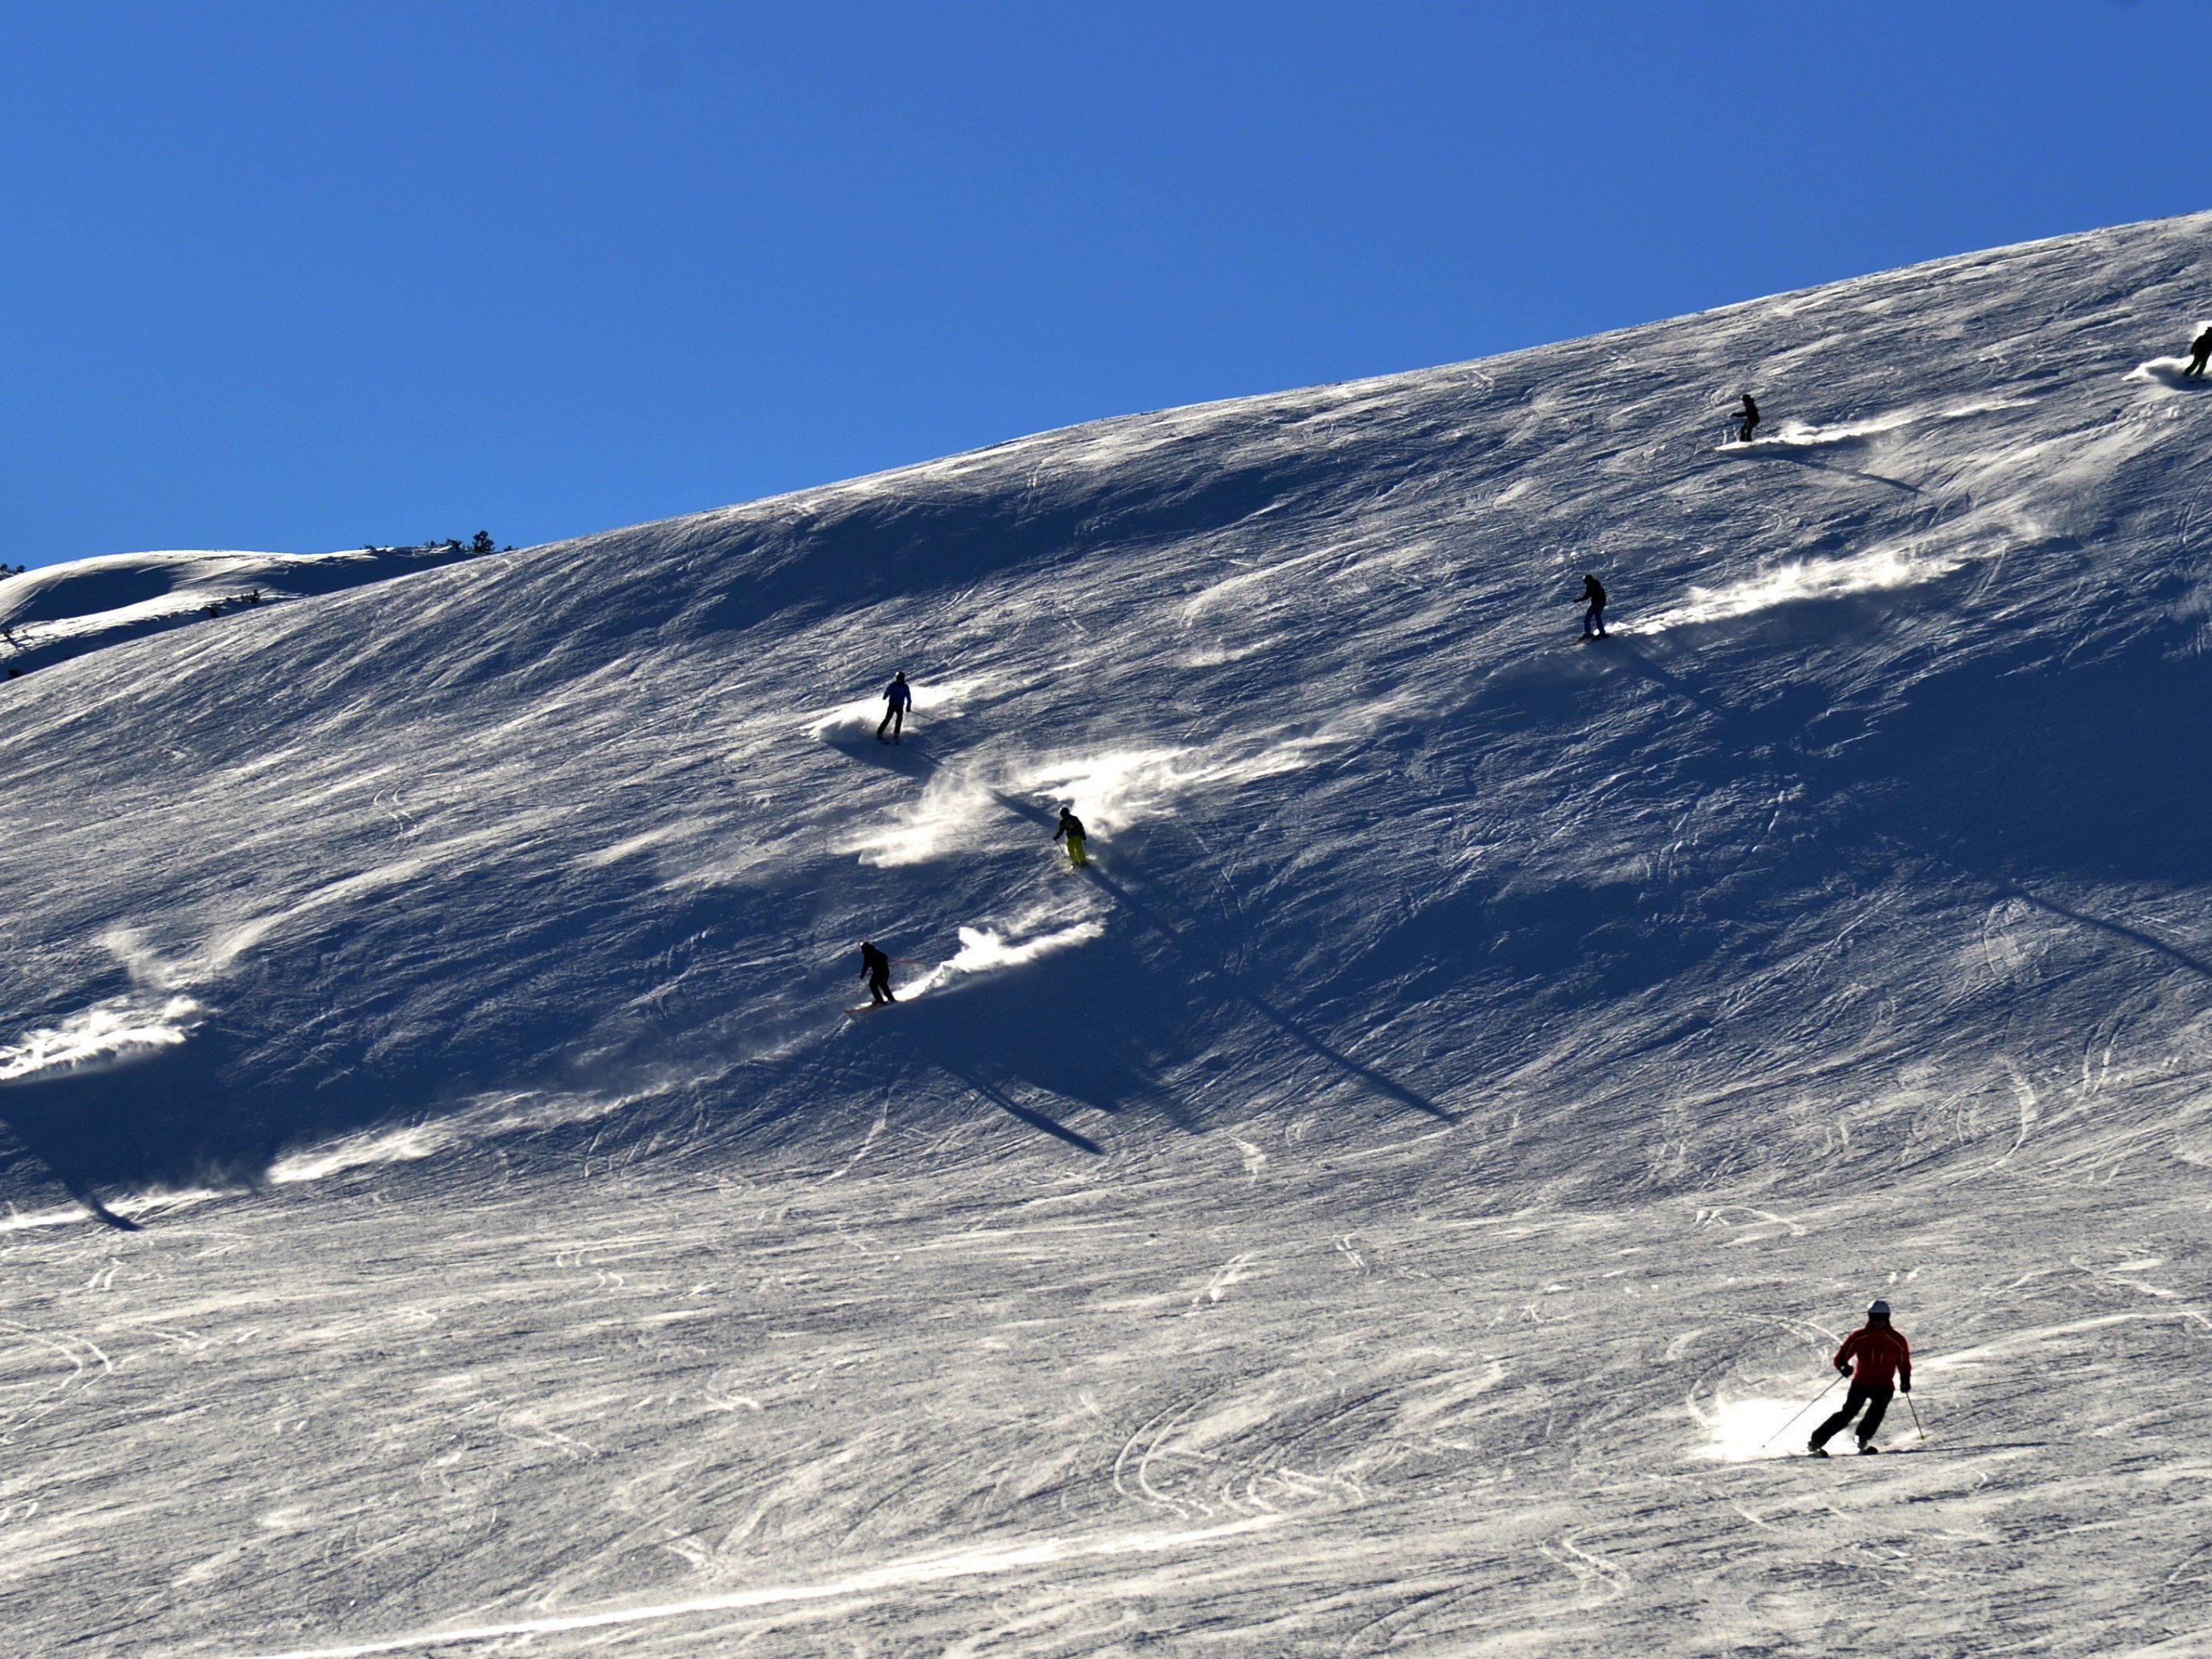 Bei einem Skiunfall in Lech wurde eine Frau verletzt.